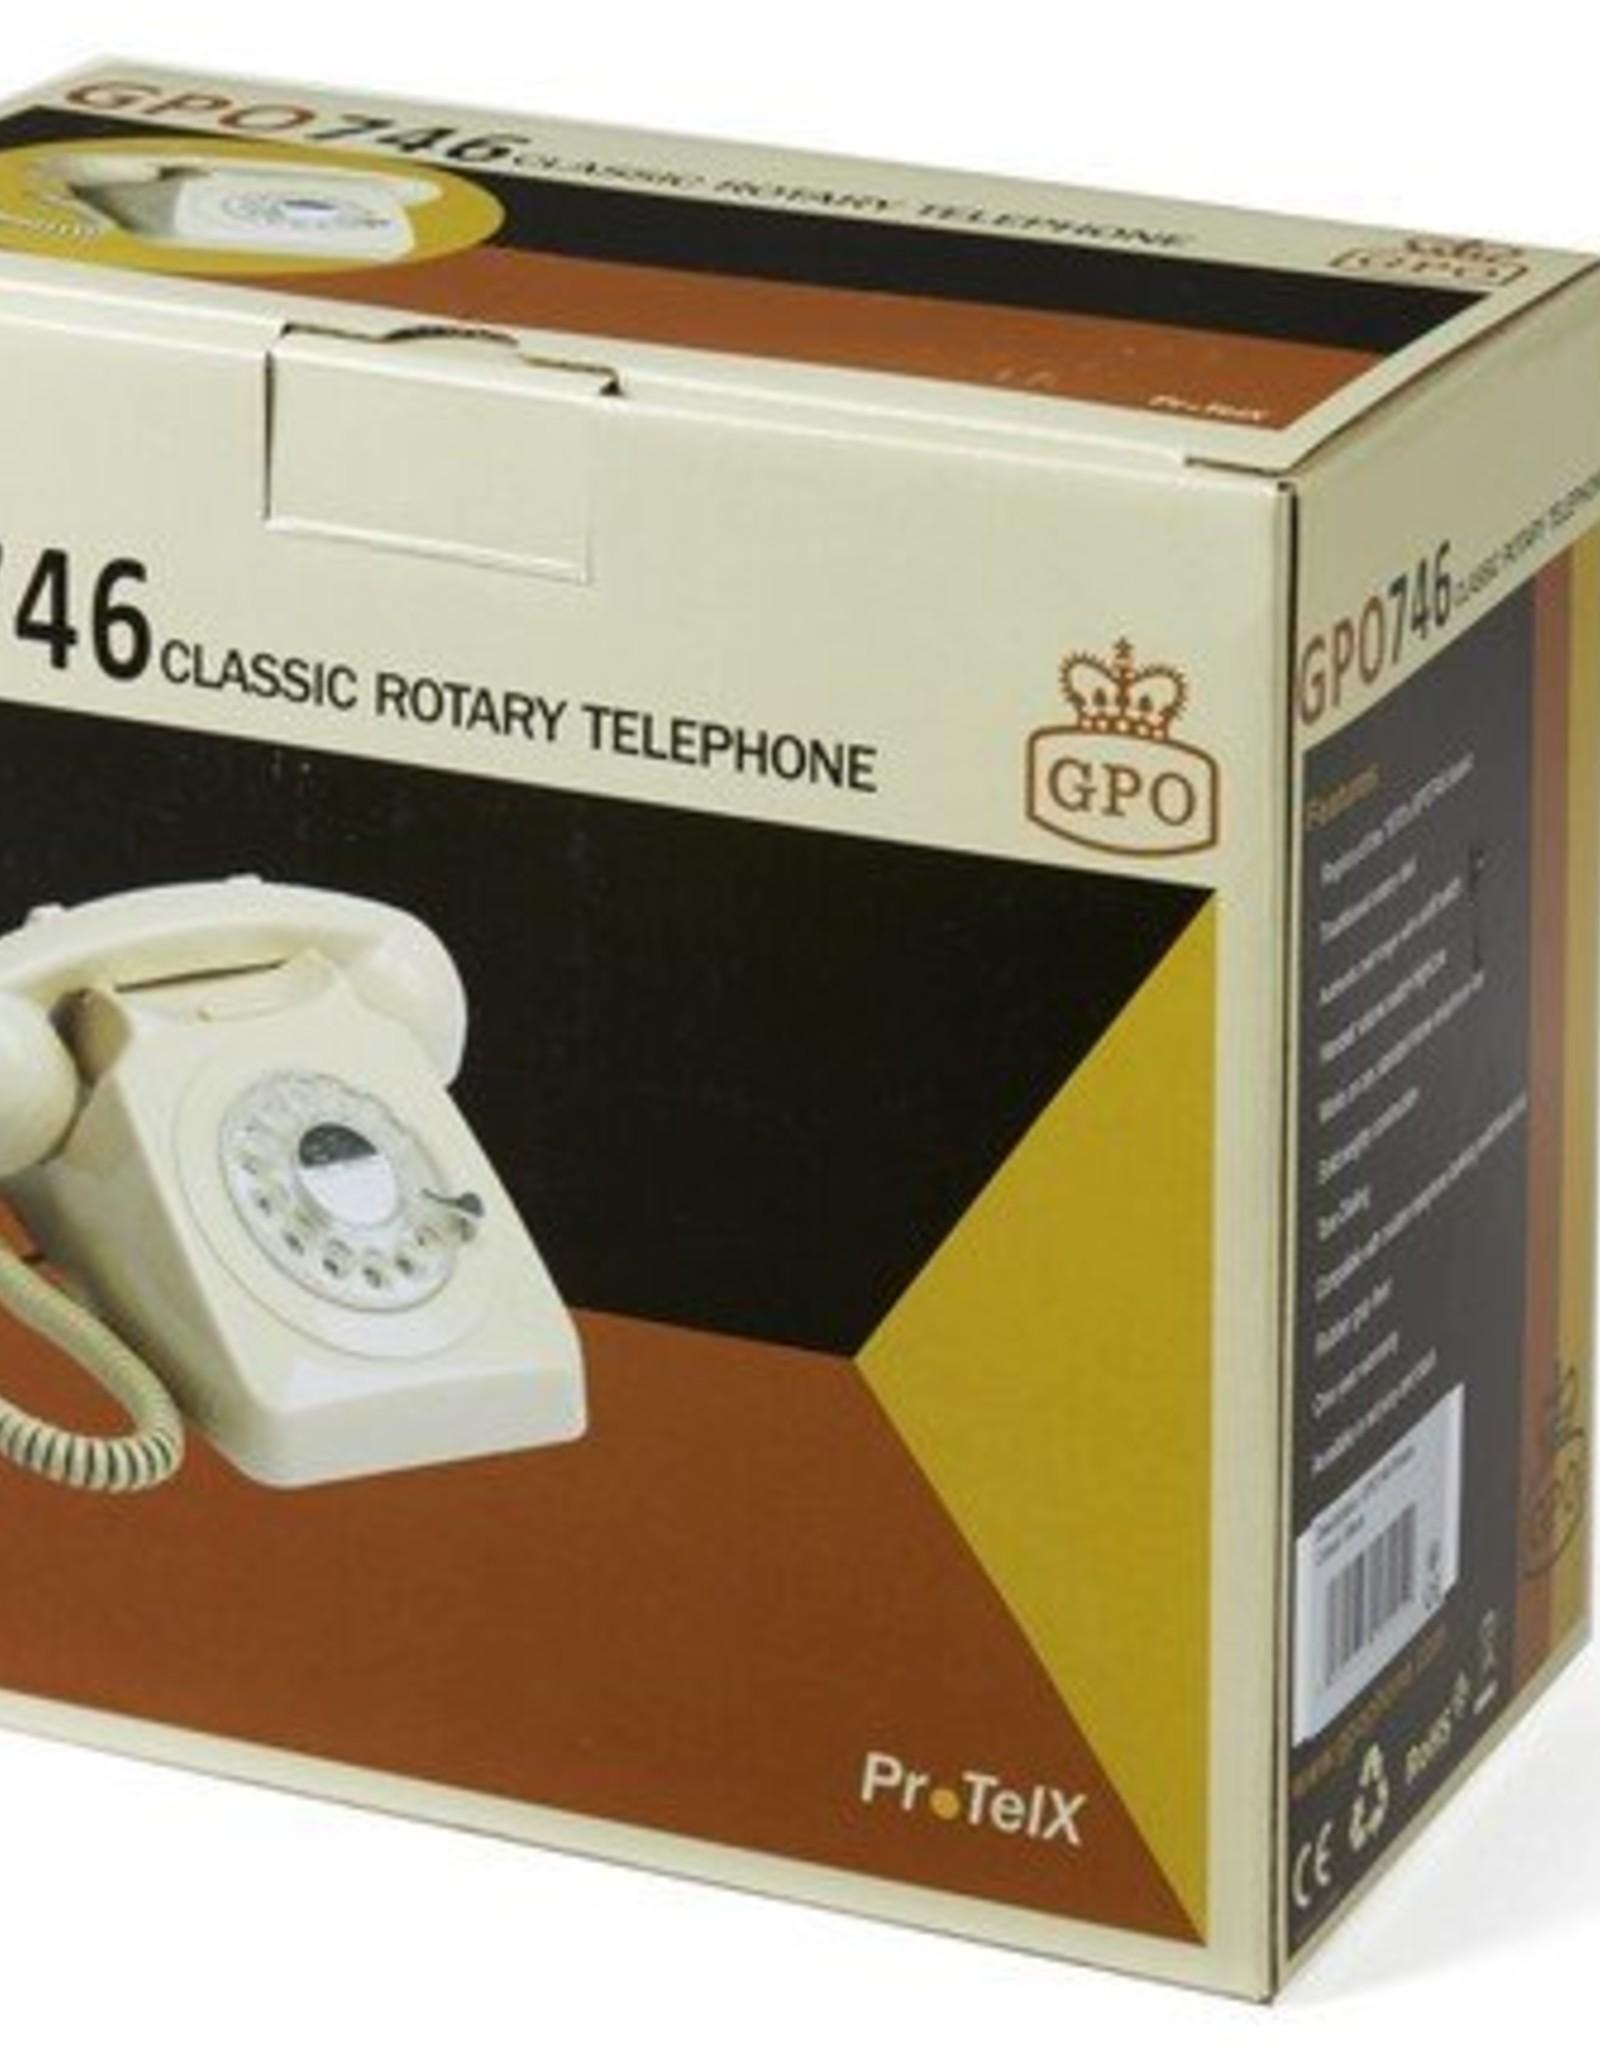 GPO GPO Klassieke telefoon 746 ROTARY - rood